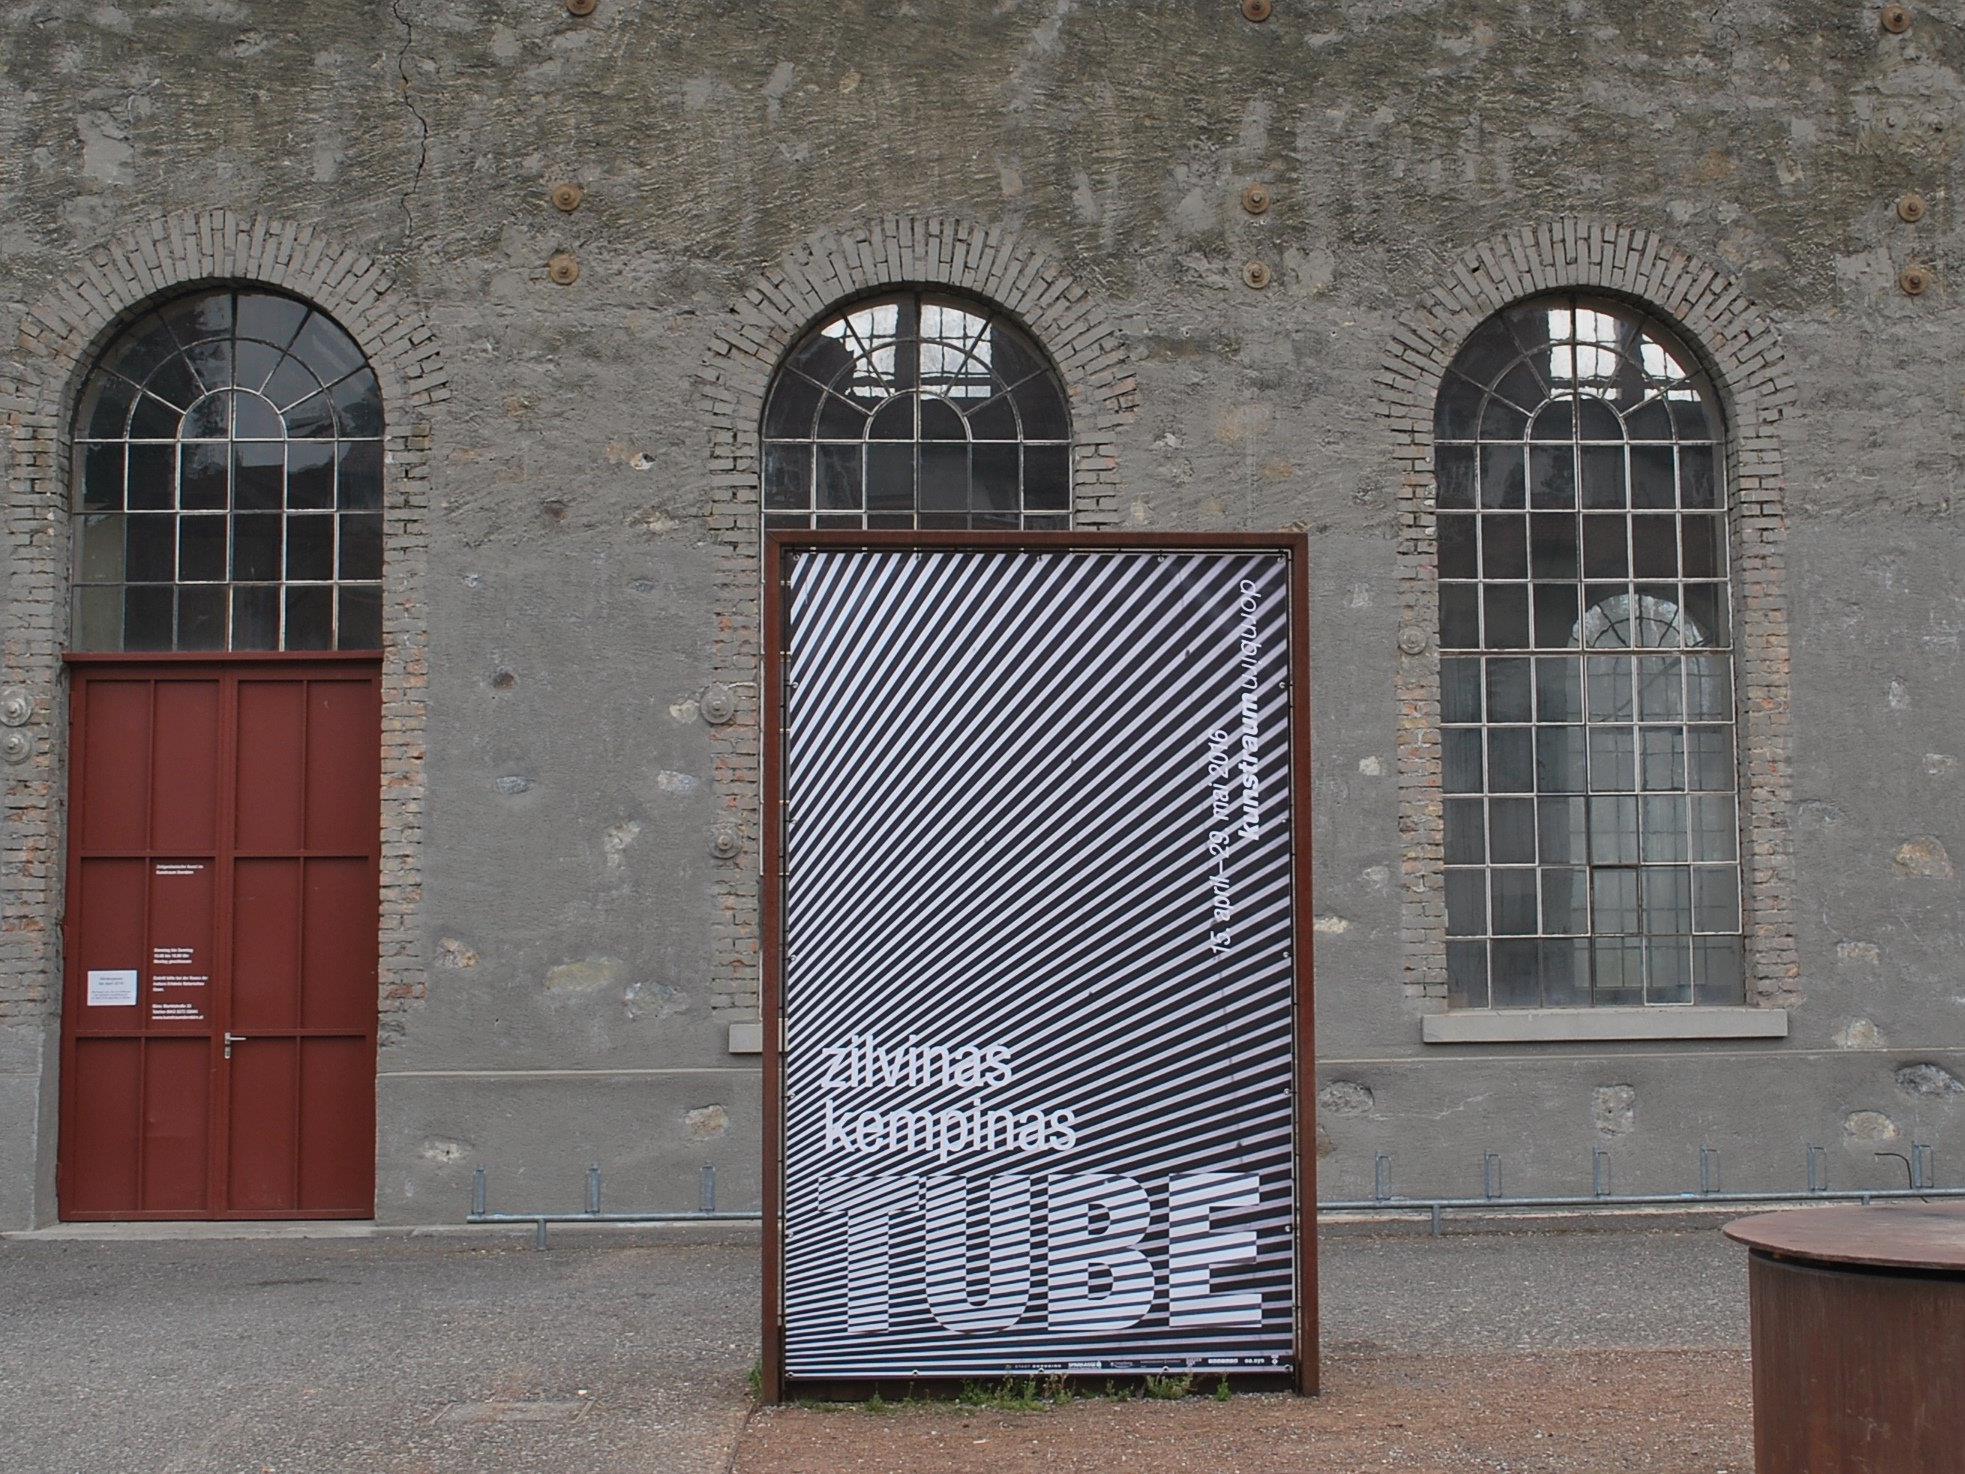 Die neue Ausstellung wird am Donnerstag, 14. April, um 20 Uhr eröffnet.